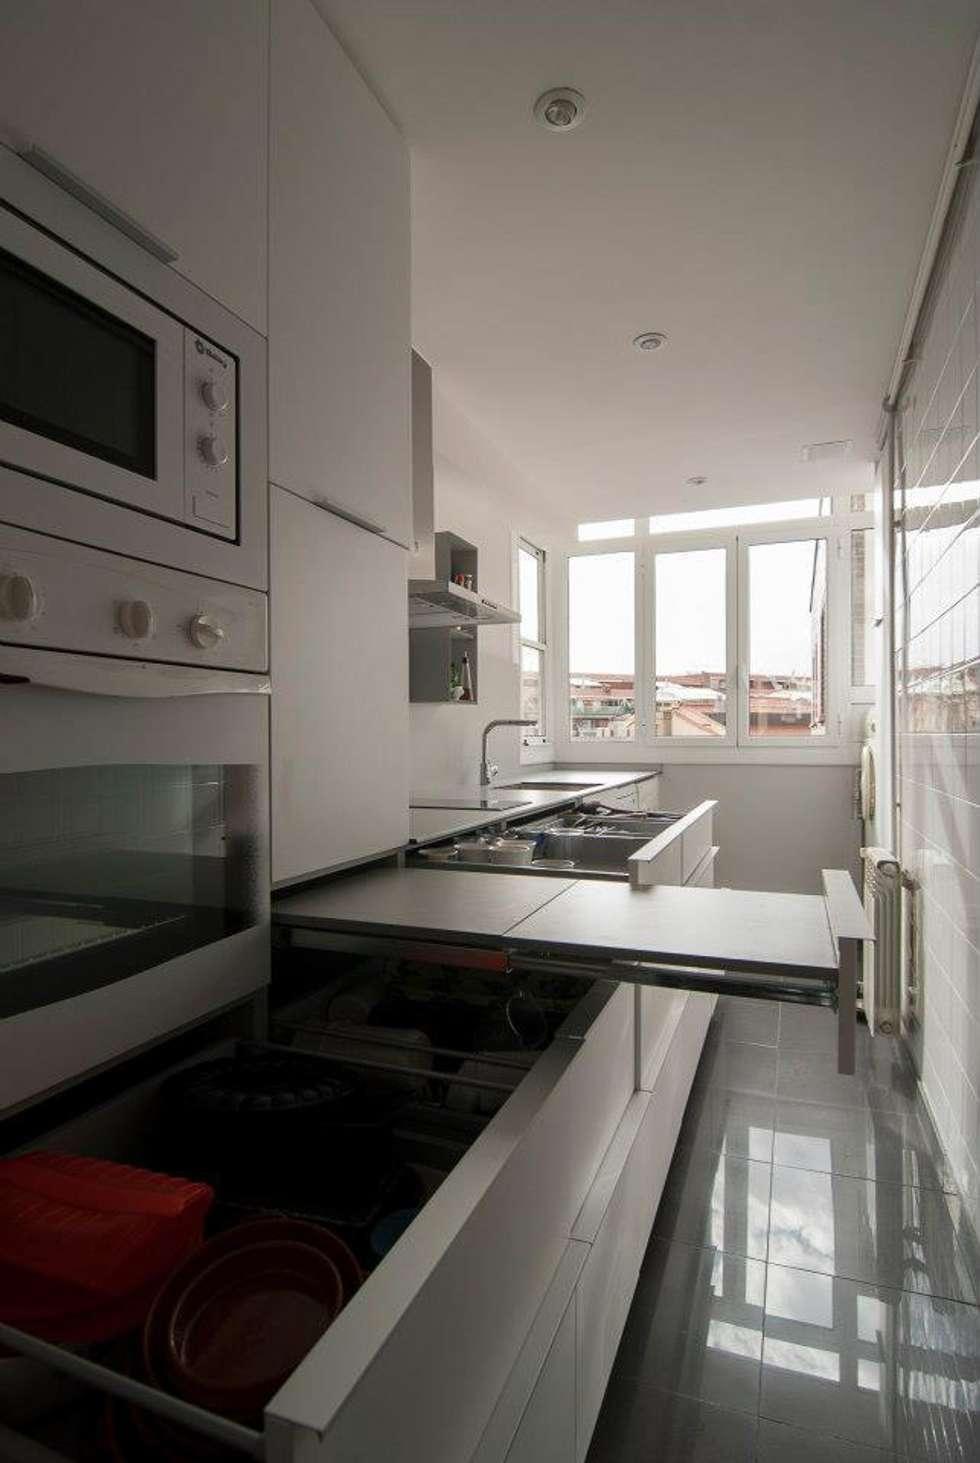 Fotos de decoraci n y dise o de interiores homify - Mesa extraible cocina ...